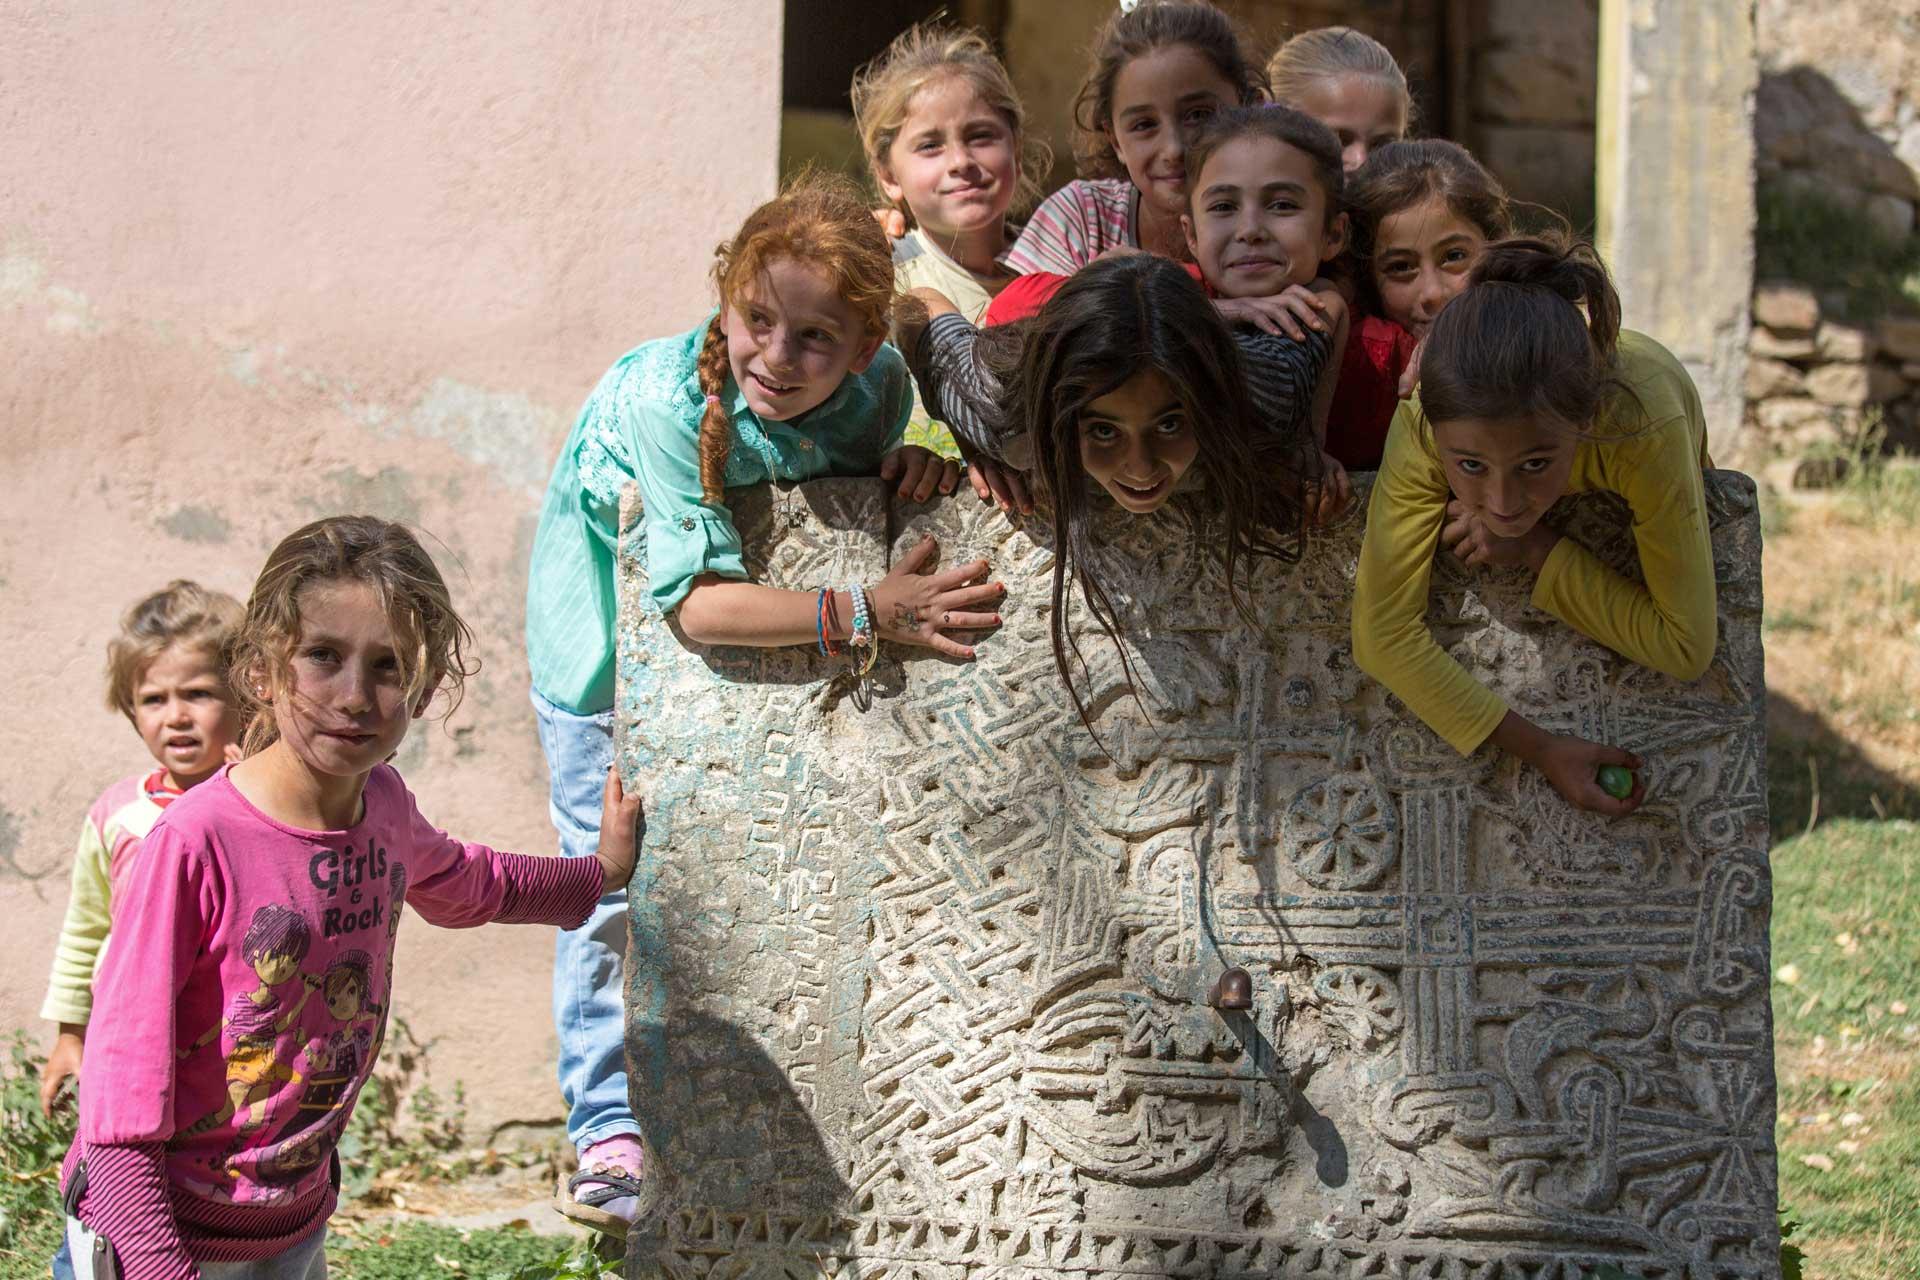 Die Dorfmädchen balgen sich für den Fotografen. Die Schönheit dieses Khatchkars wurde immerhin erkannt und man hat ihn in einen schmucken Dorfbrunnen verwandelt.